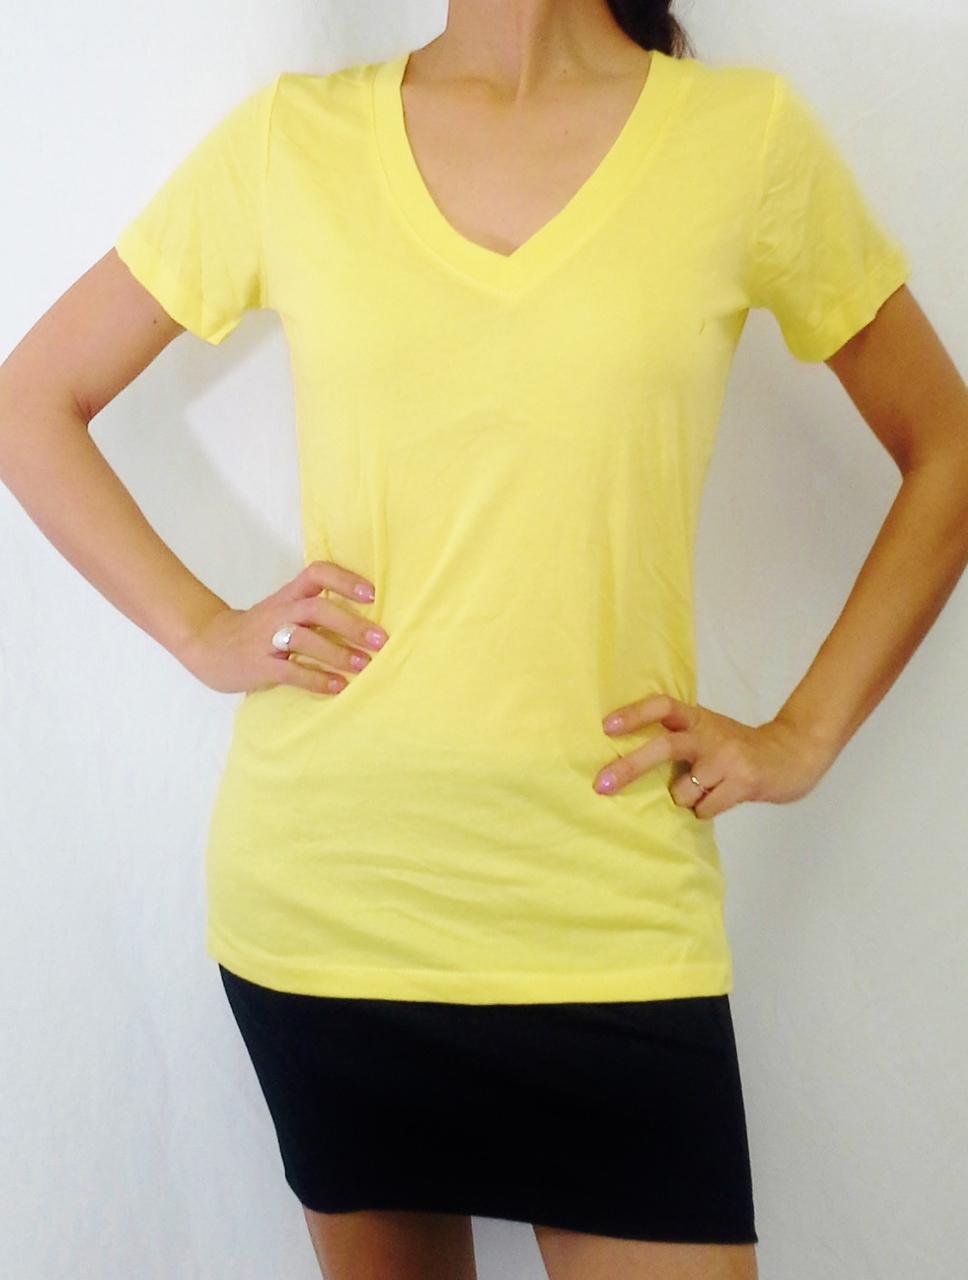 100% Cotton Long, V-Neck Tee. Major Name Brand! Yellow.  (E-148)